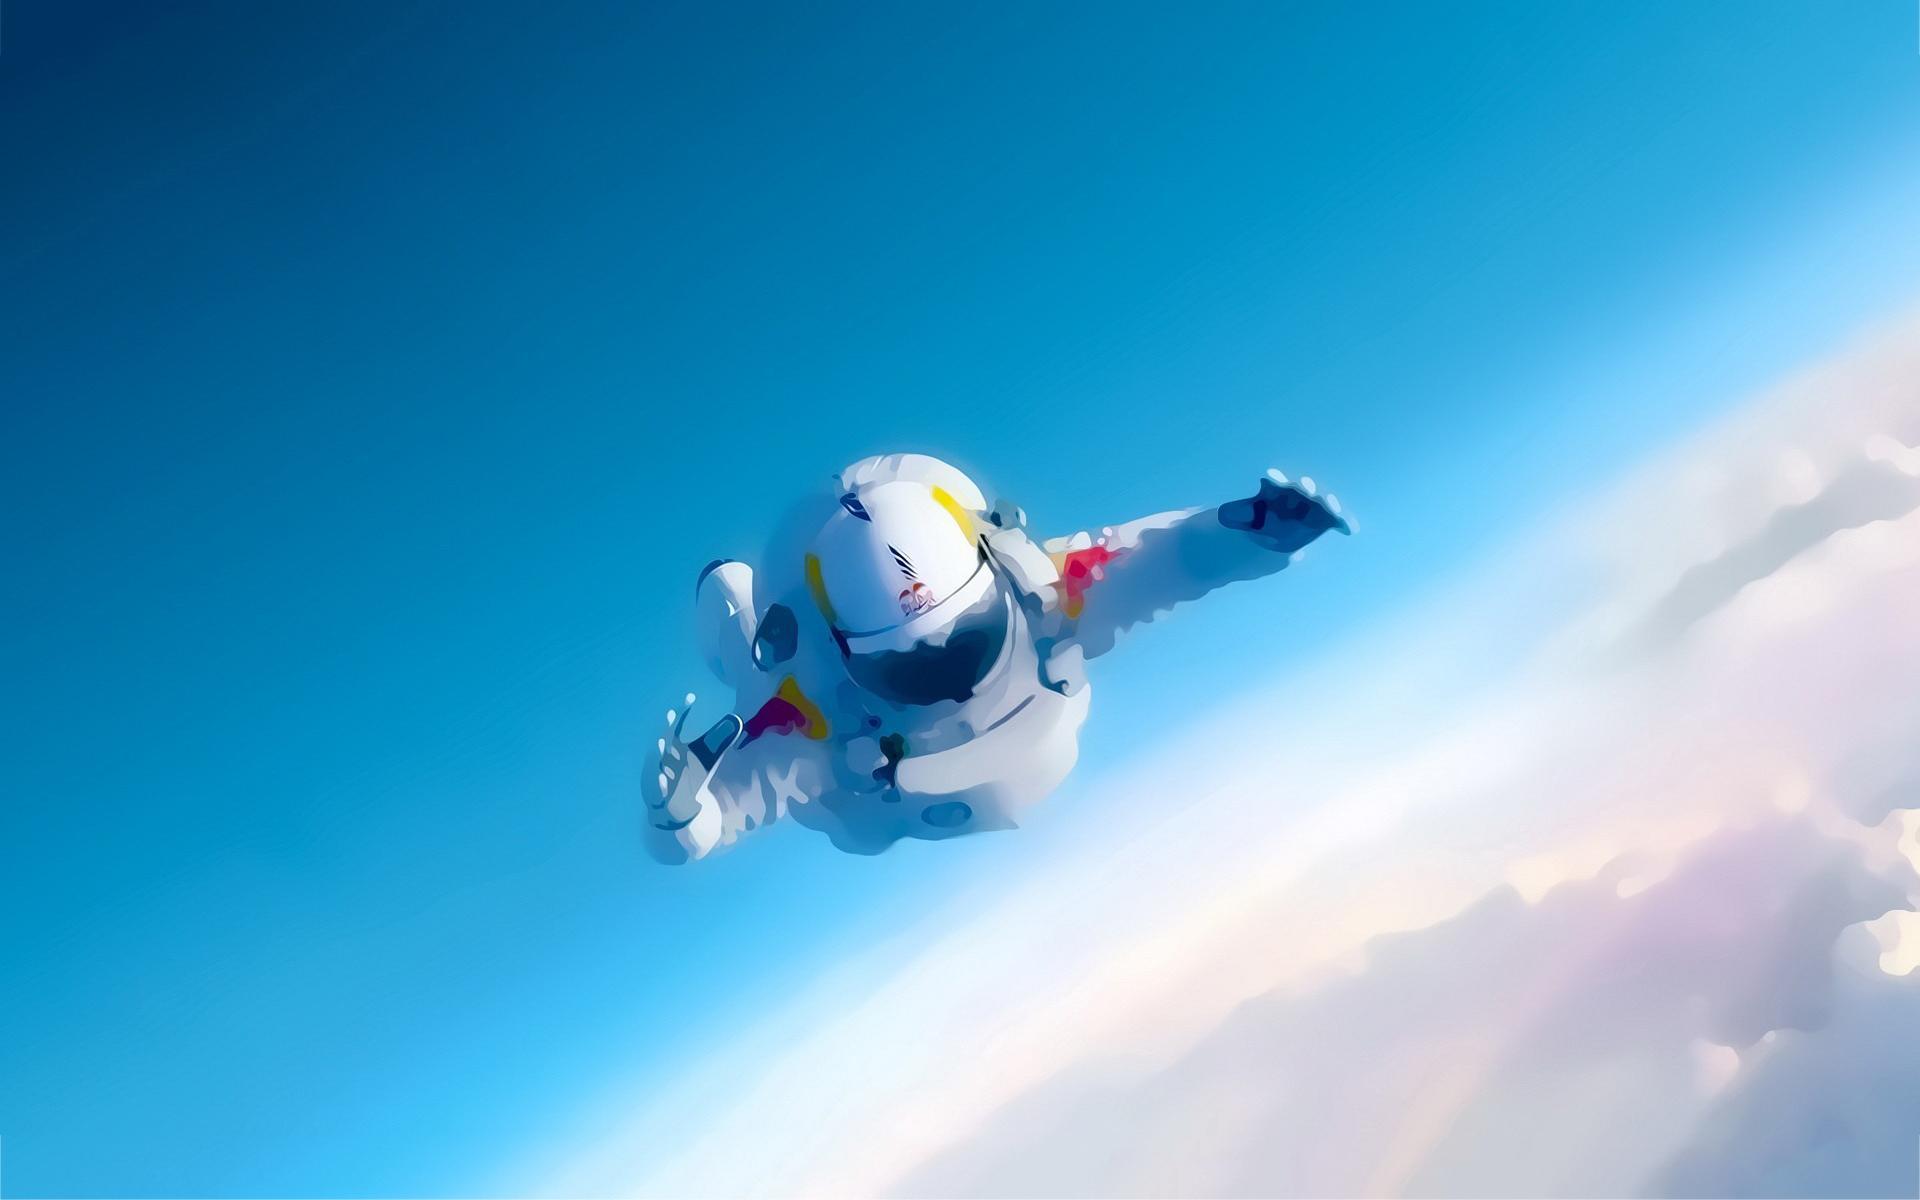 Baumgartner stratosphere